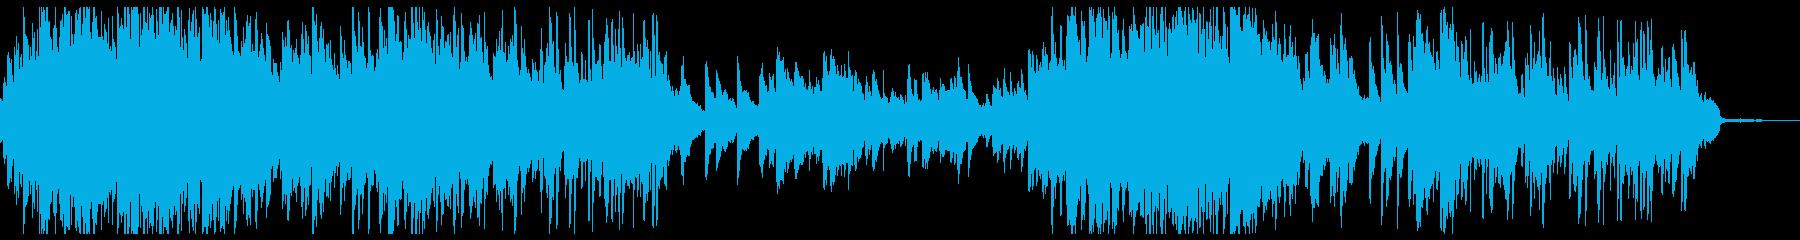 電子処理された不思議なピアノソロ曲の再生済みの波形